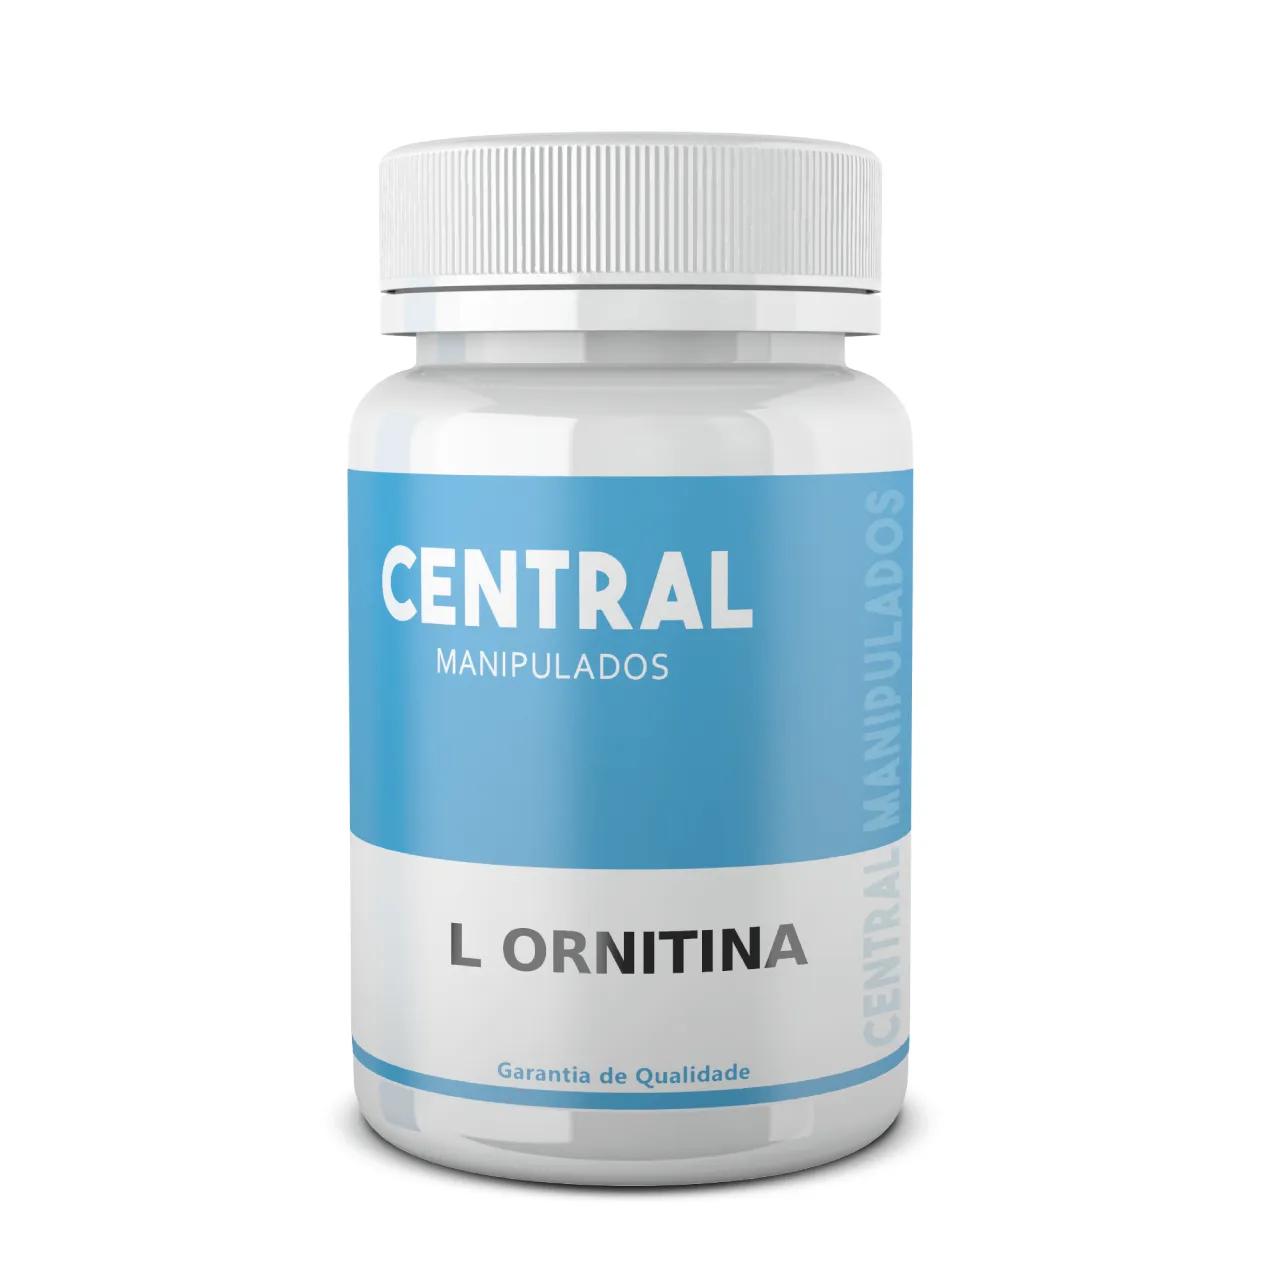 L-Ornitina 300mg - 30 cápsulas - Estimula produção do hormônio do crescimento, incrementa a massa muscular, diminui tecido gorduroso, ativa imunidade e a função hepática